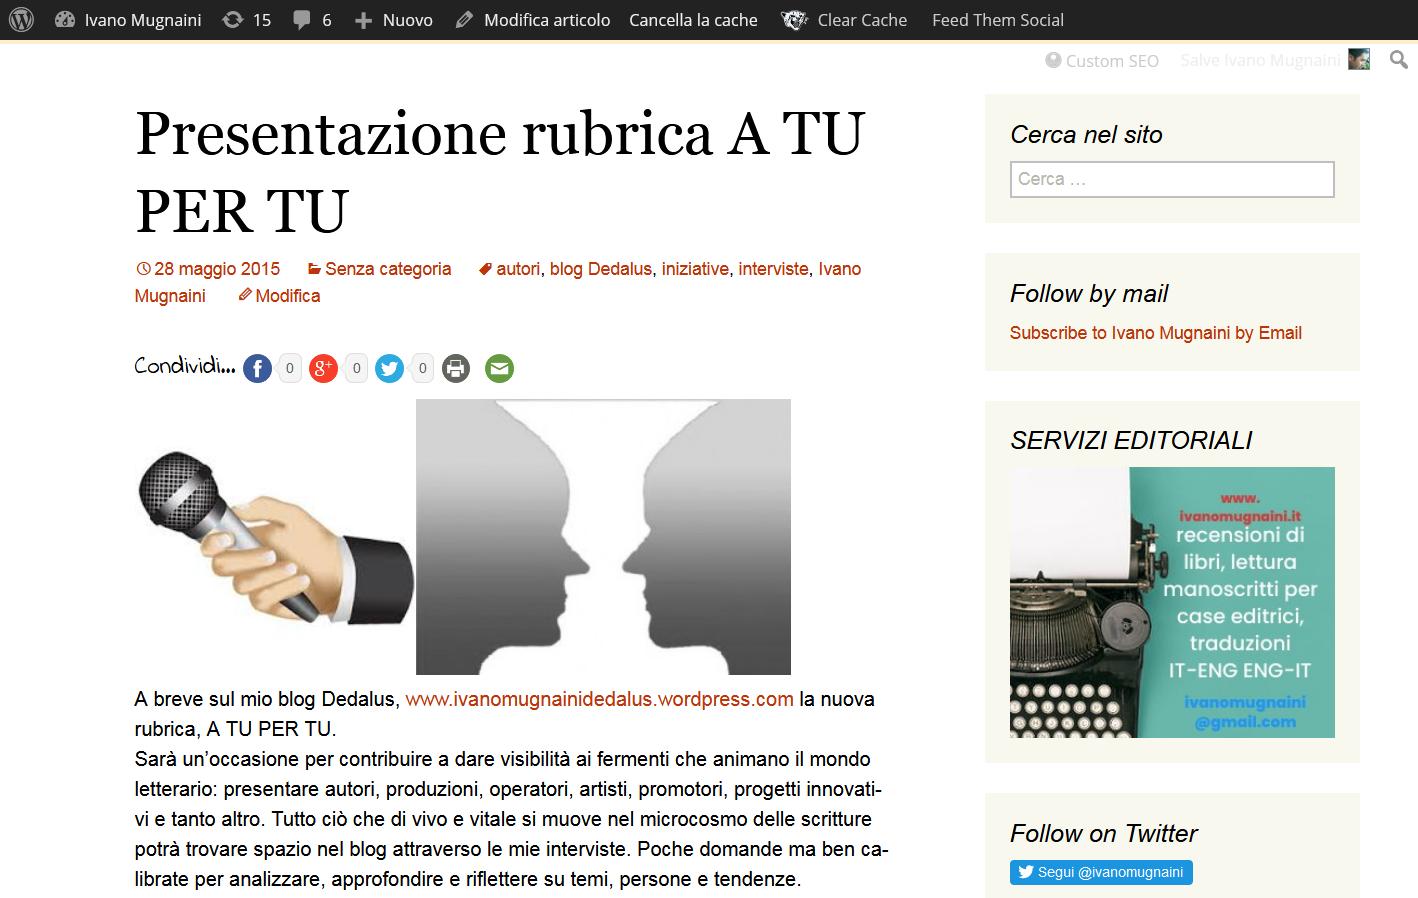 Screenshot_2021-01-04 Presentazione rubrica A TU PER TU - Ivano Mugnaini